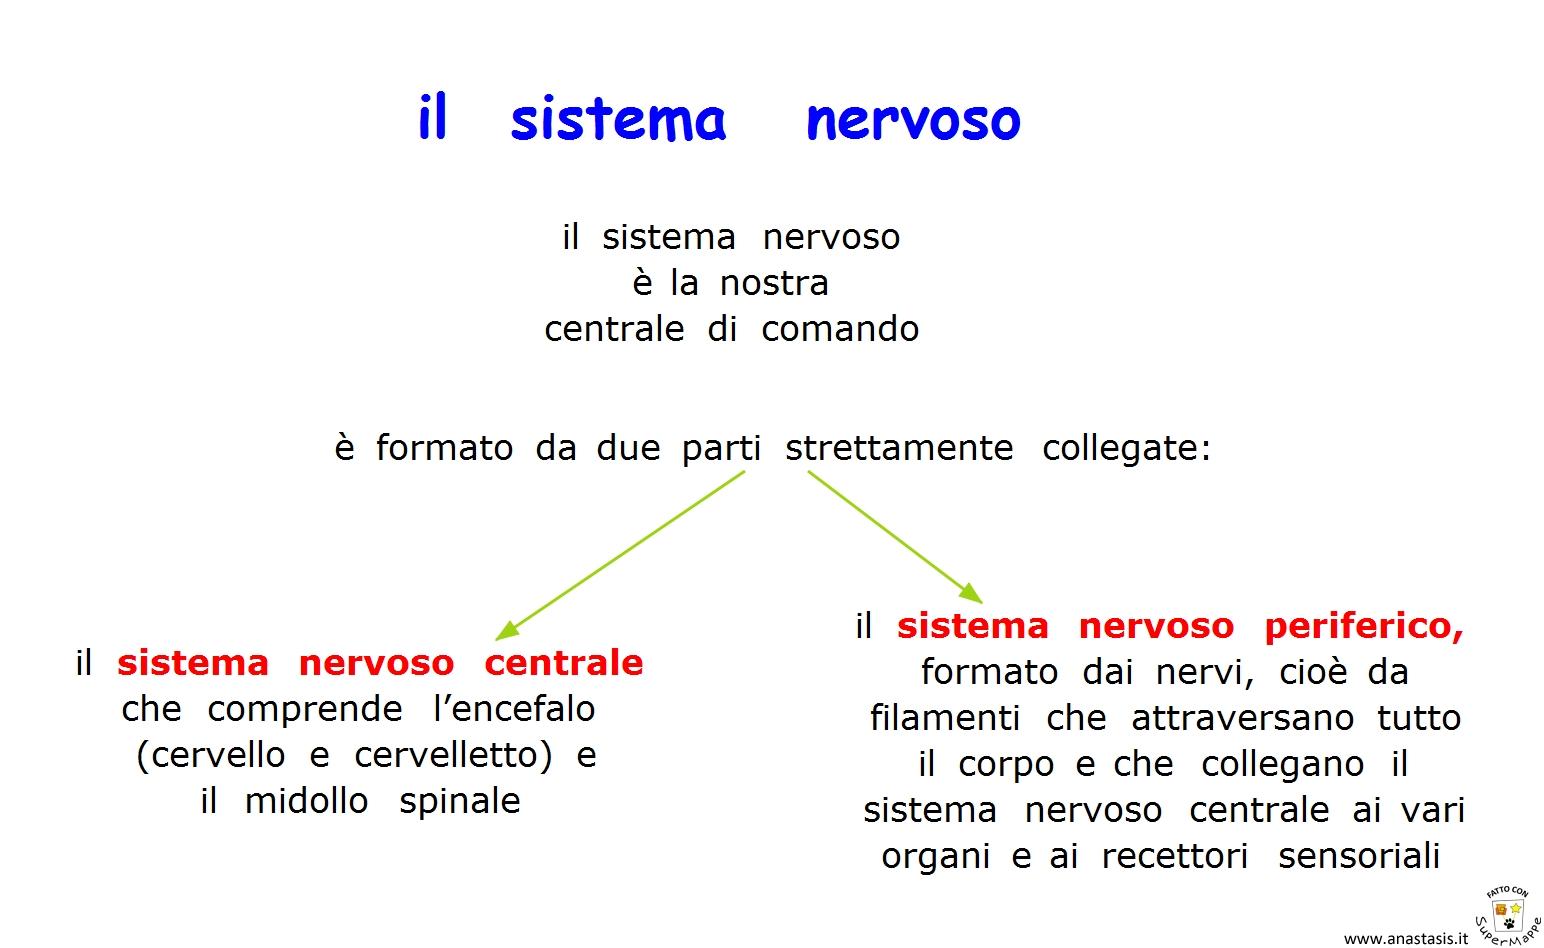 Paradiso Delle Mappe: Il Sistema Nervoso